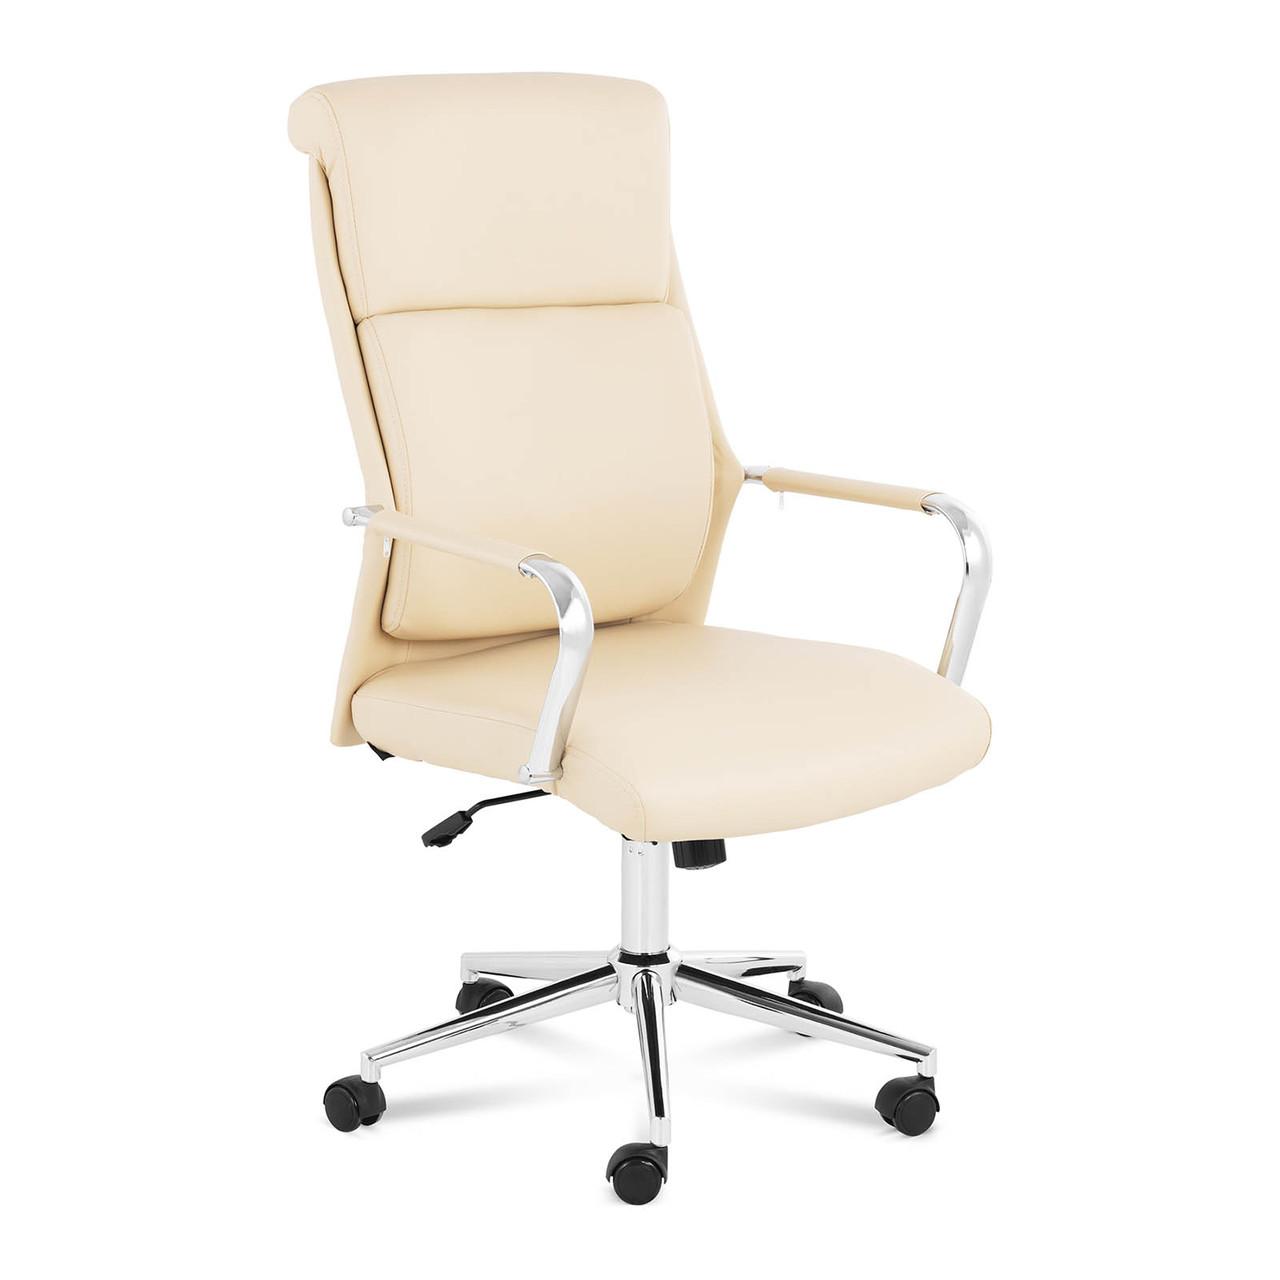 Кресло офисное - поворотное - светло-коричневый Fromm & Starck